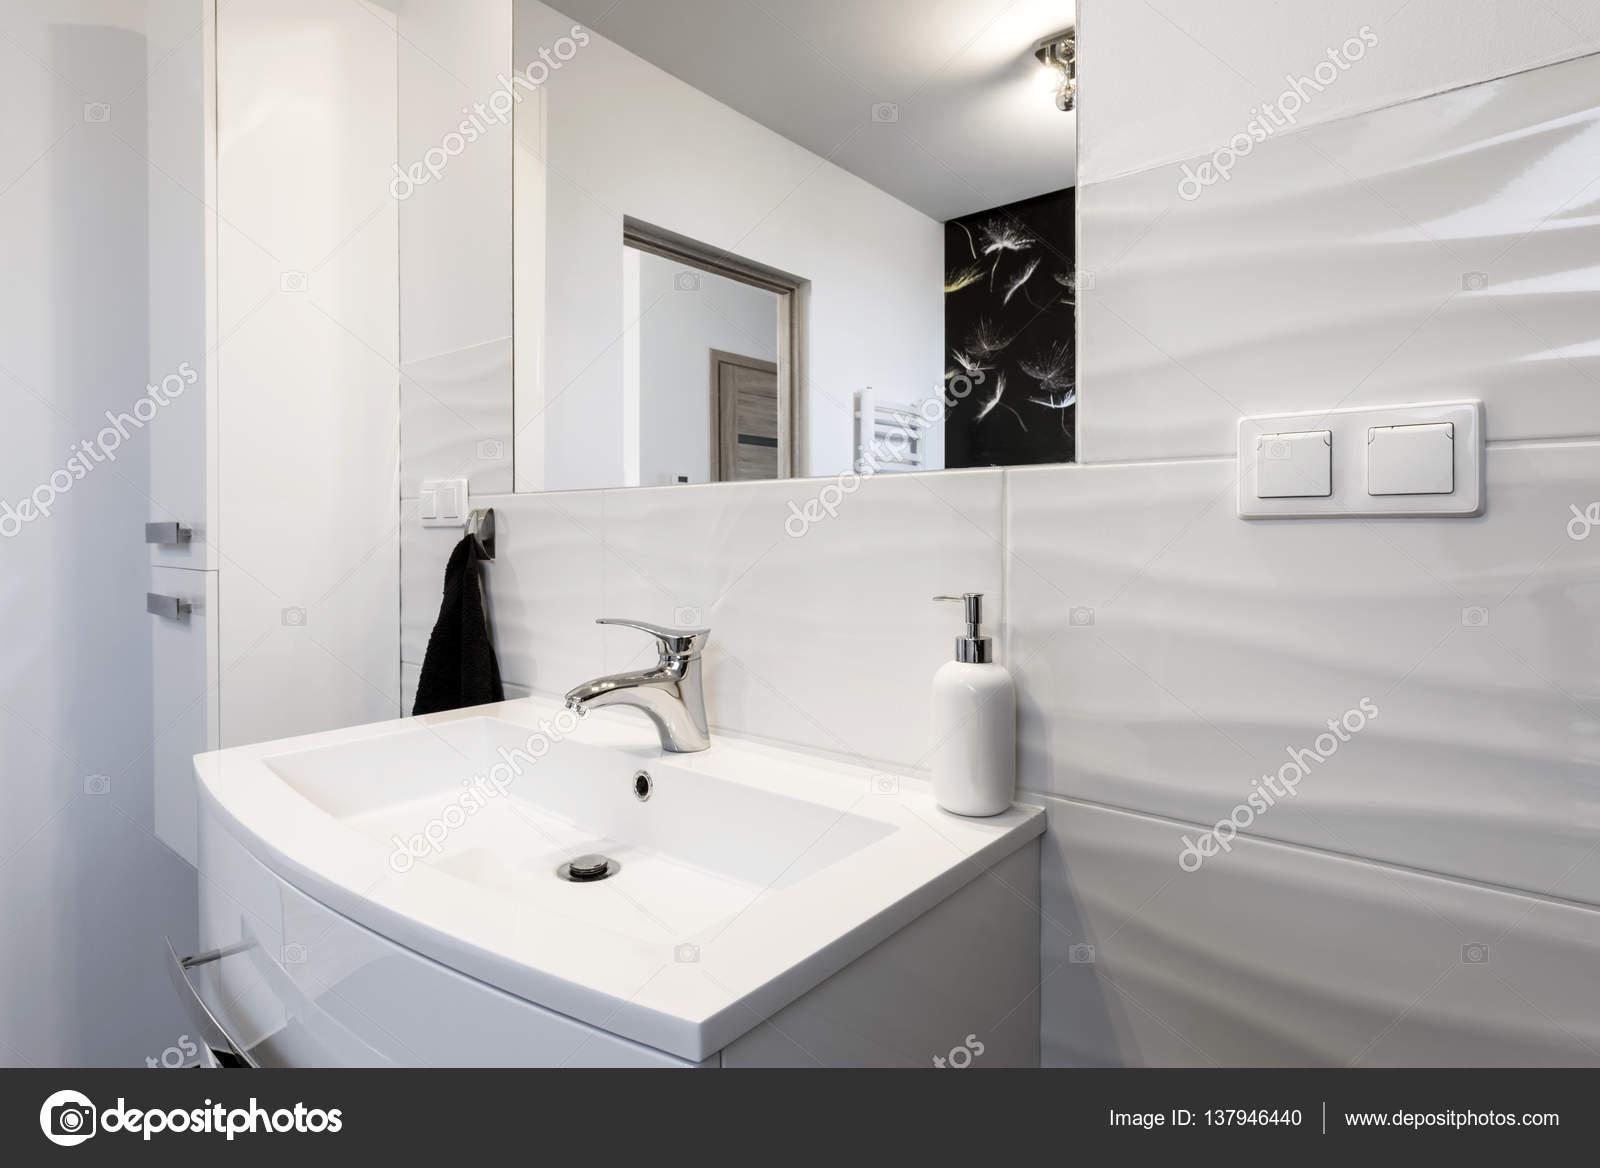 Komfortables Bad Modernes Design In Schwarz / Weiß Stil U2014 Foto Von  Jacek_kadaj